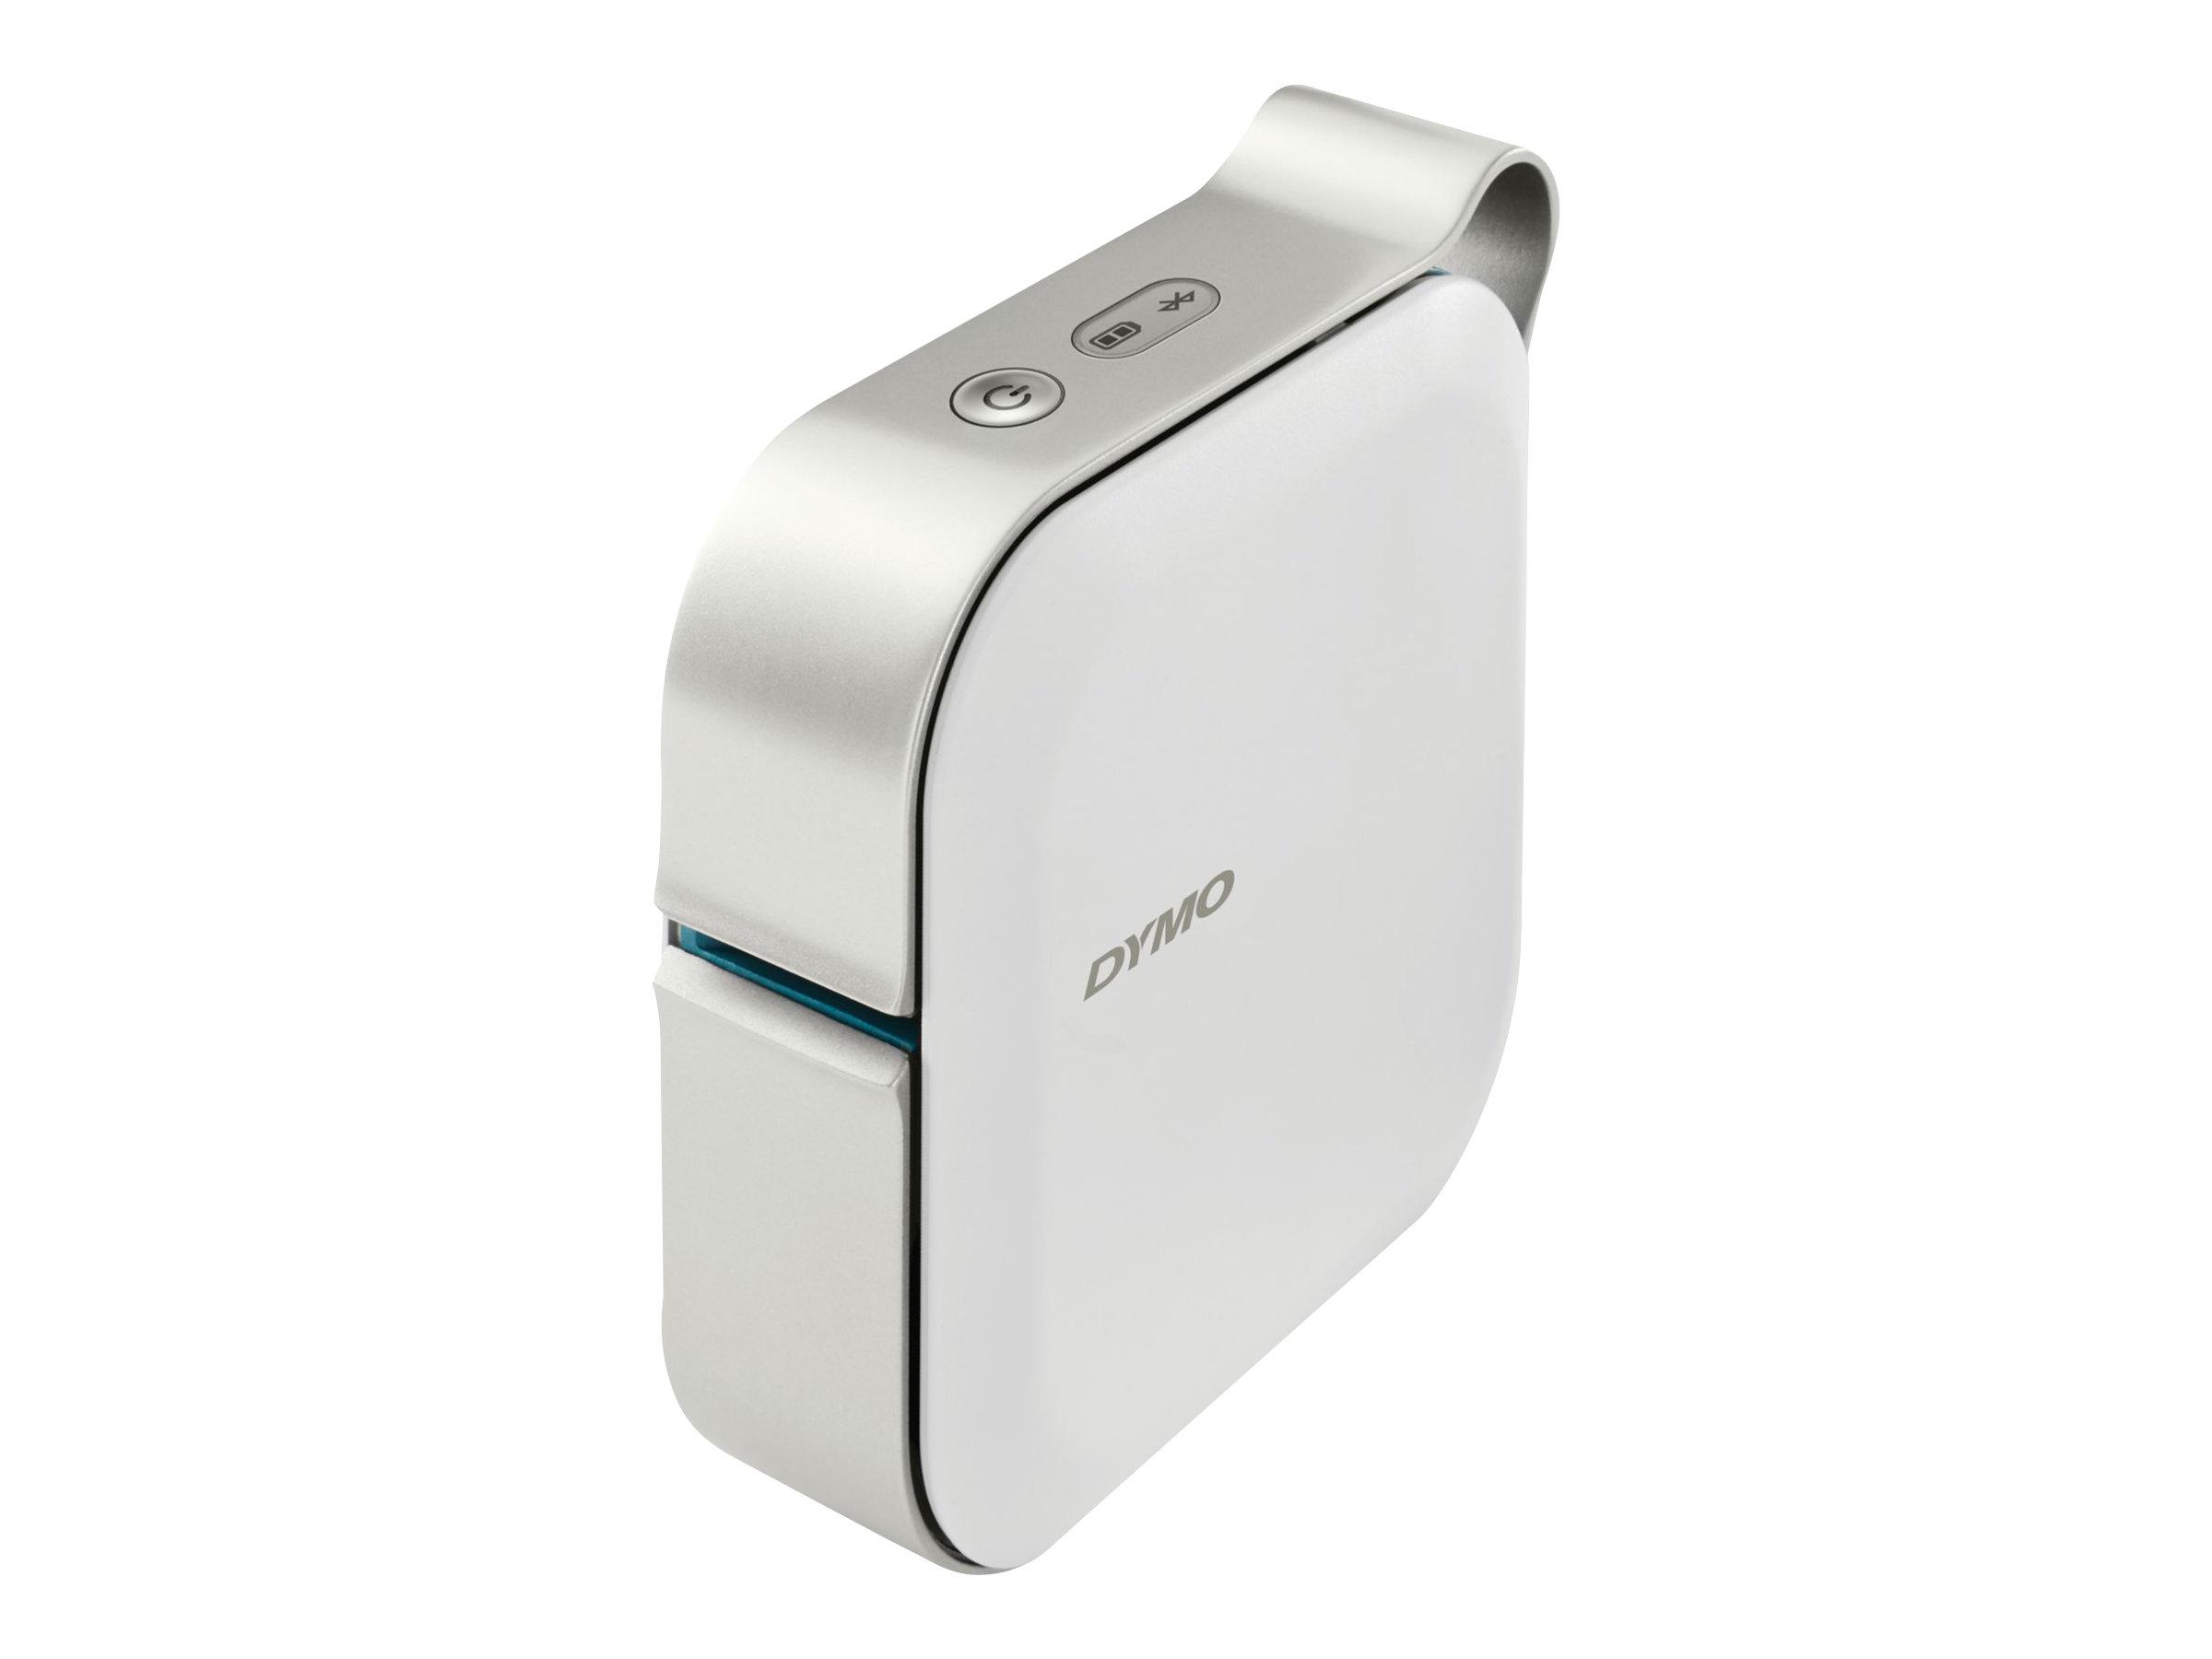 Dymo MobileLabeler  -  Étiqueteuse  - imprimante d'étiquettes  - bluetooth